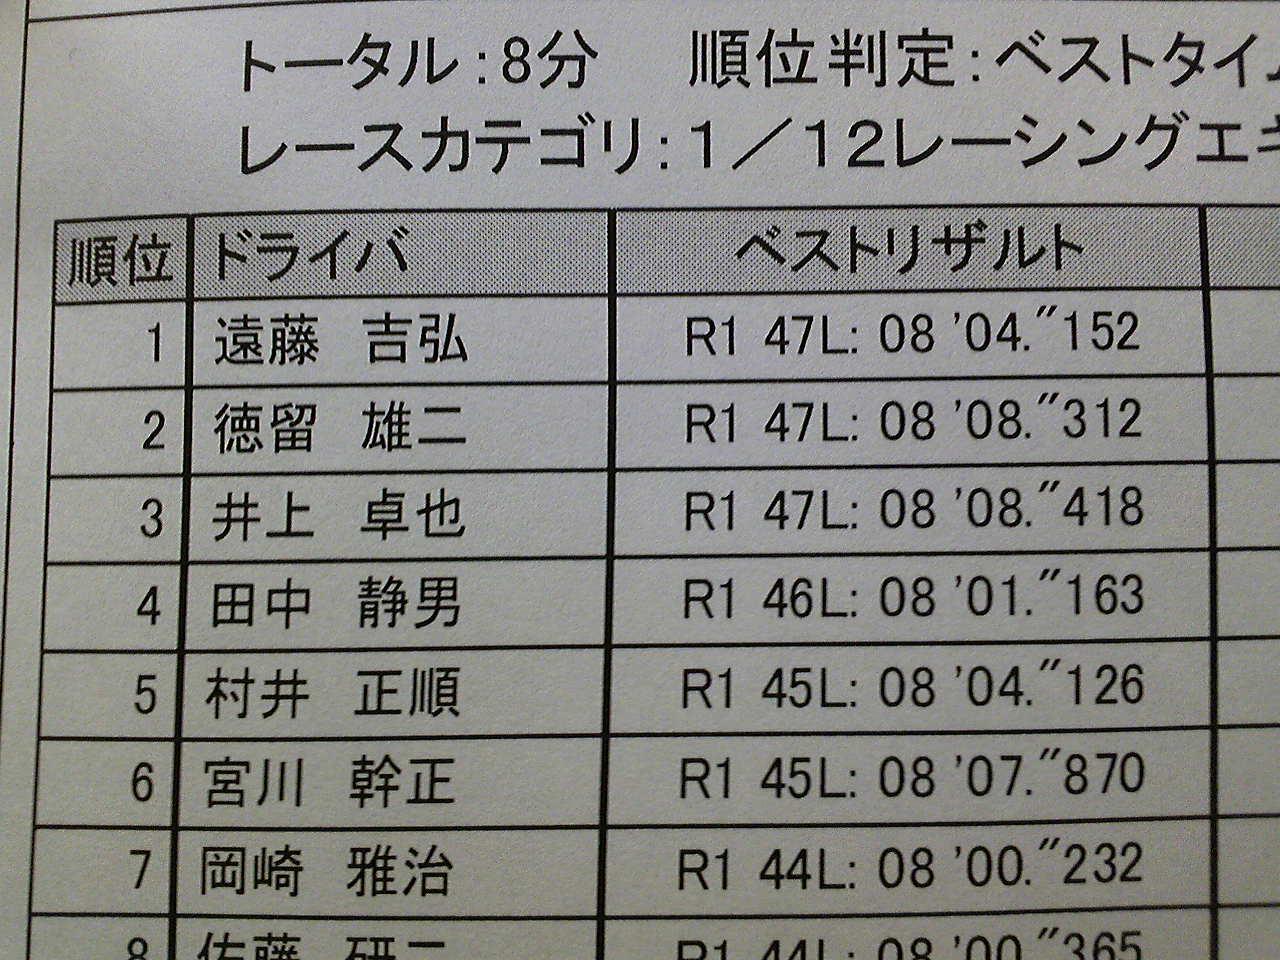 シルバーストーン・シリーズ戦 最終戦 村井正順_e0166663_913053.jpg